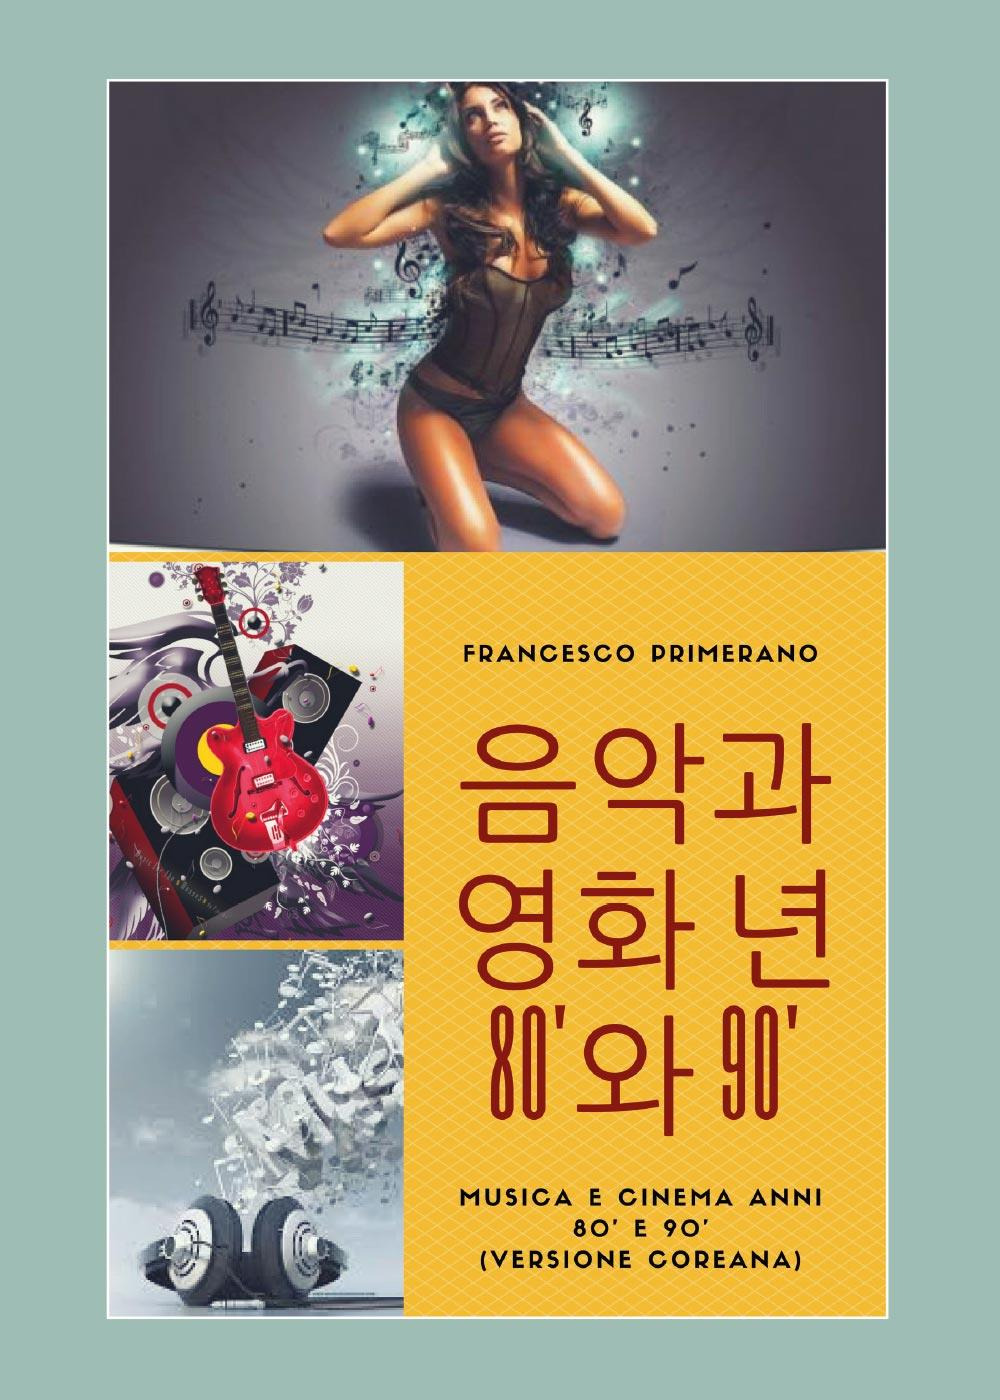 Musica e Cinema Anni 80' e 90'  (Versione coreana)